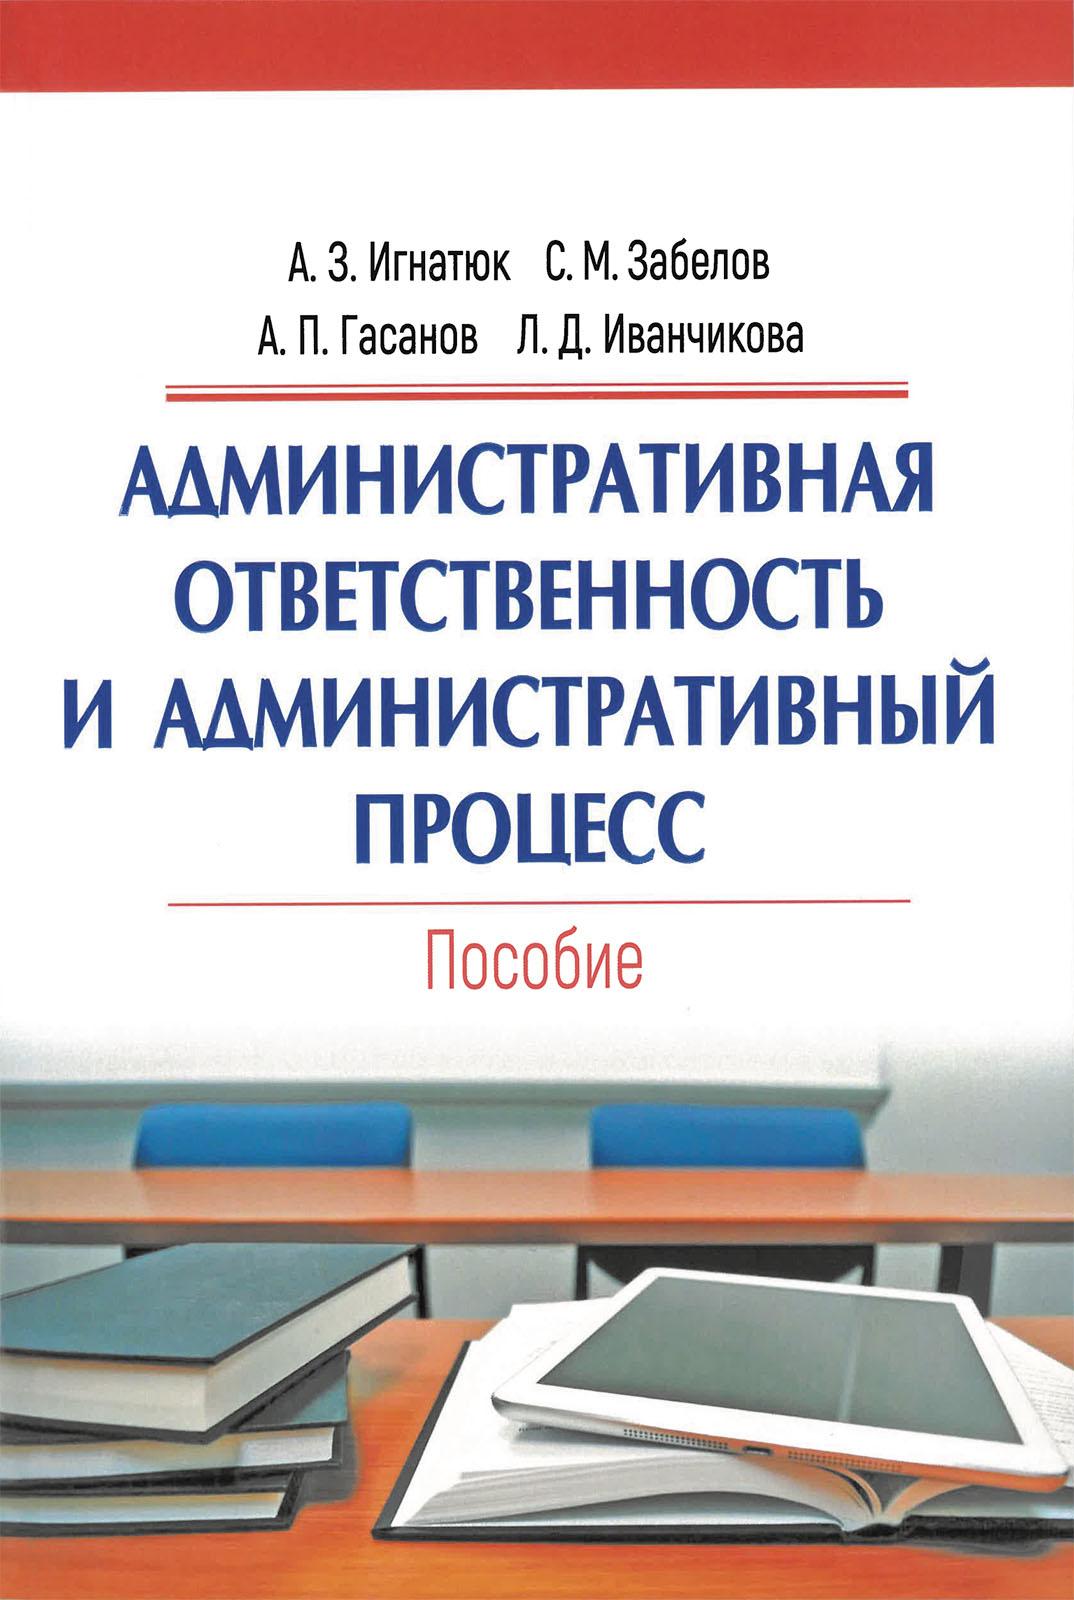 Административная ответственность и административный процесс